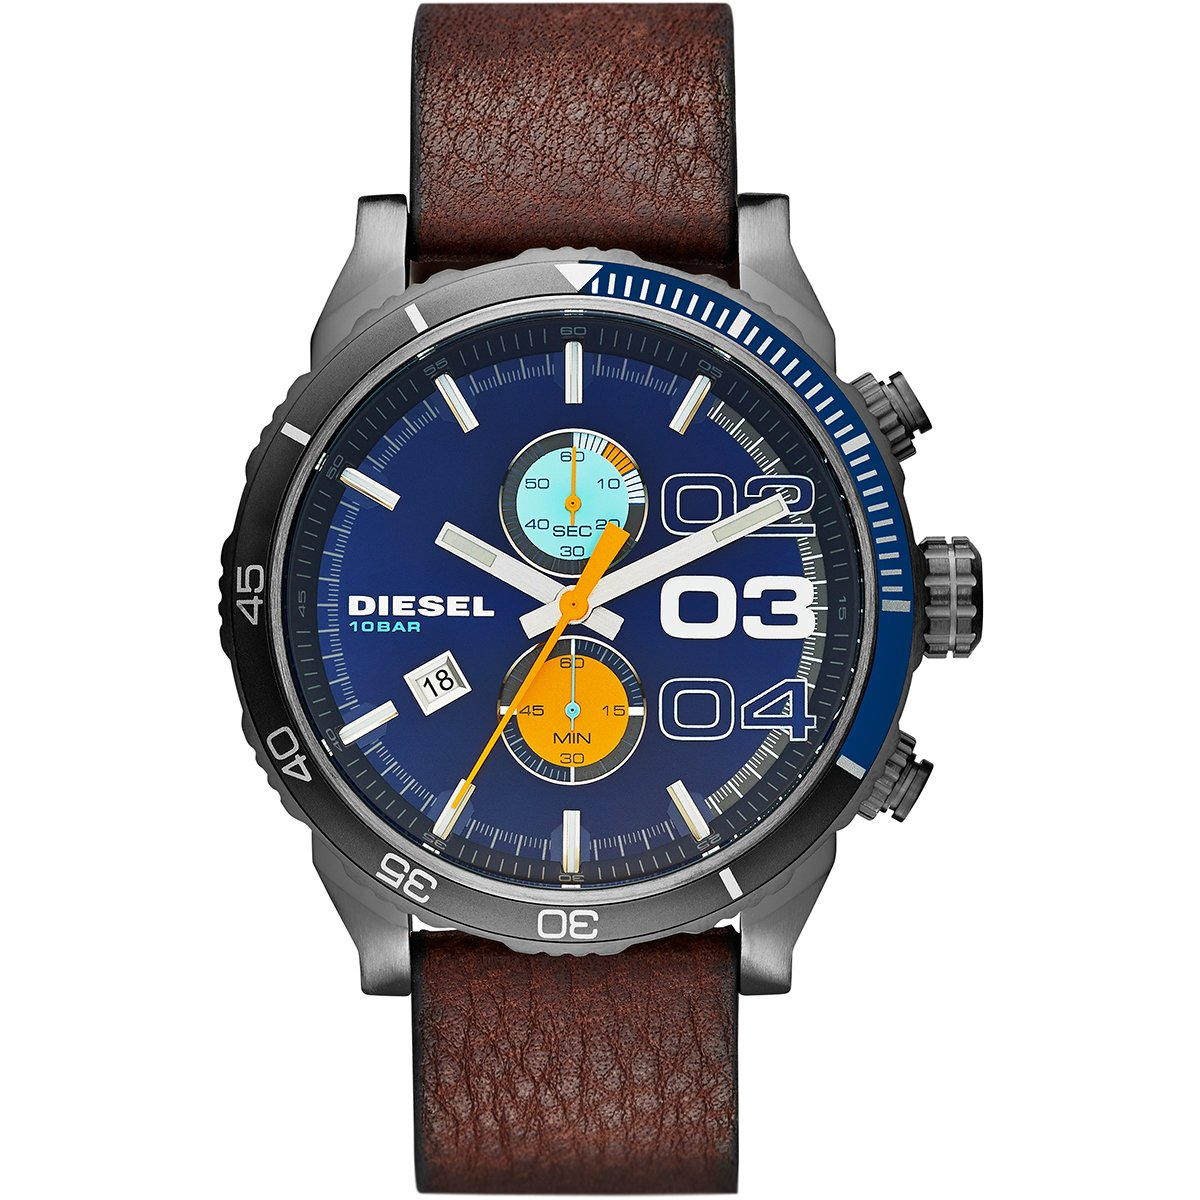 387e0285142 Relógio Diesel Pulseira Couro - Compre Agora